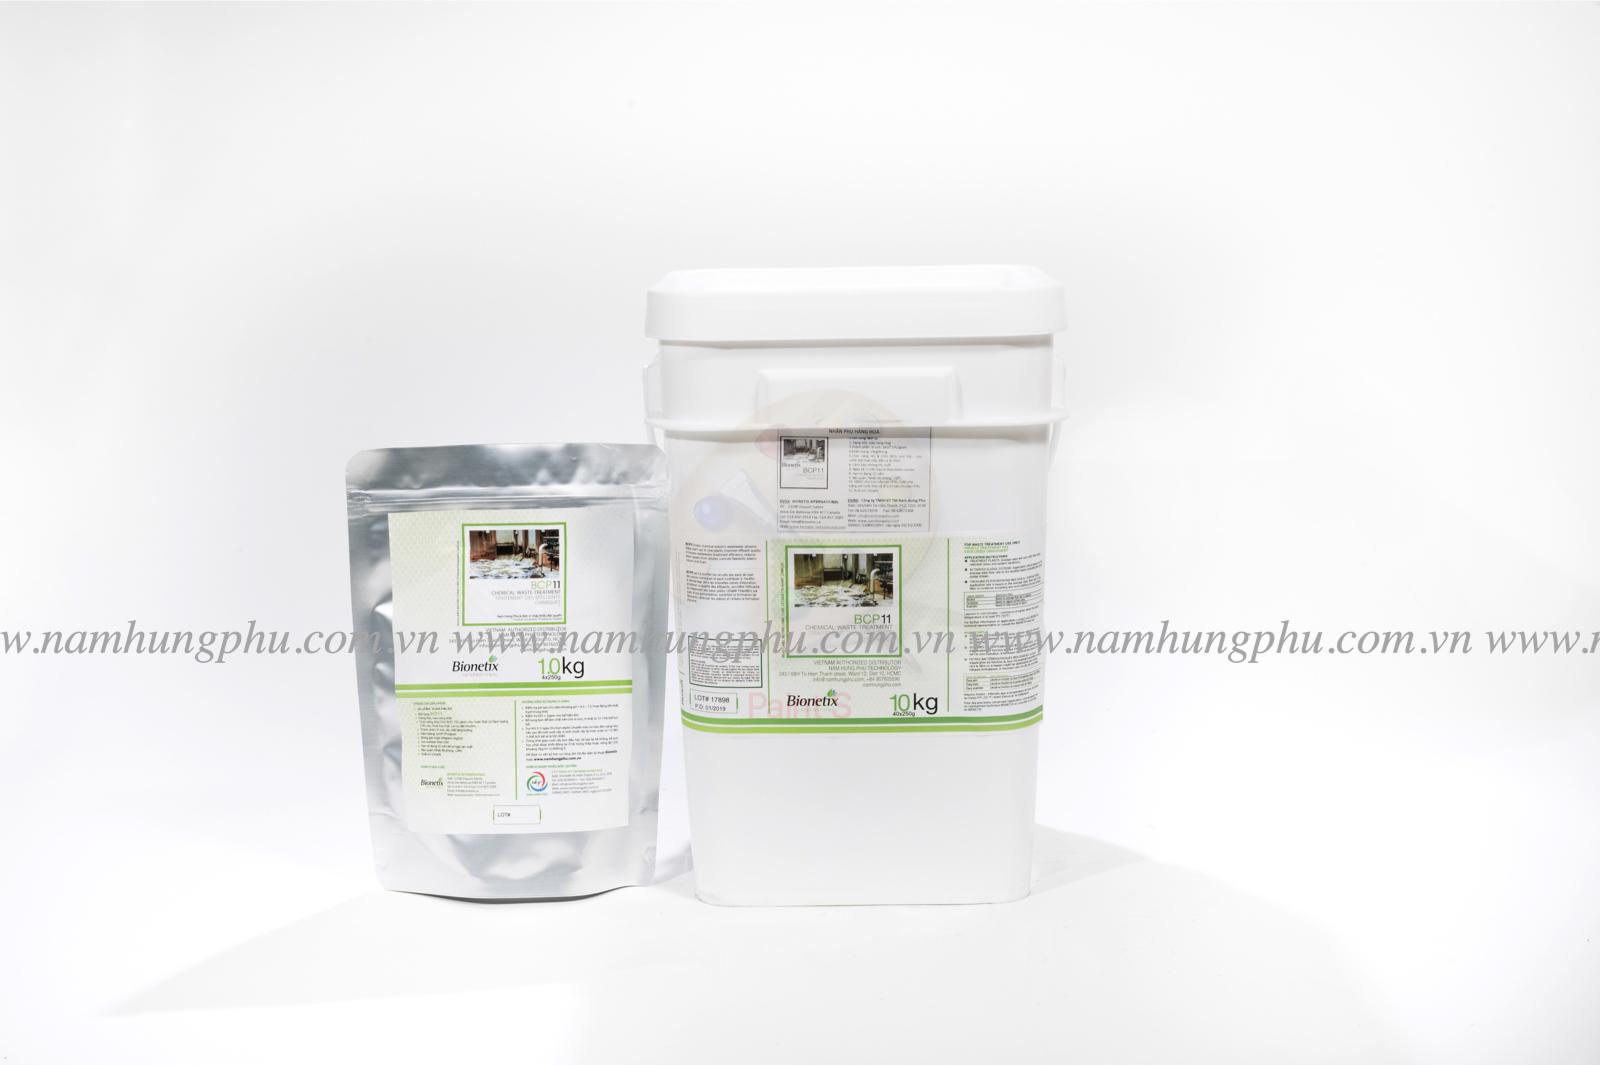 Chế phẩm vi sinh xử lý nước thải chứa hóa chất BCP11